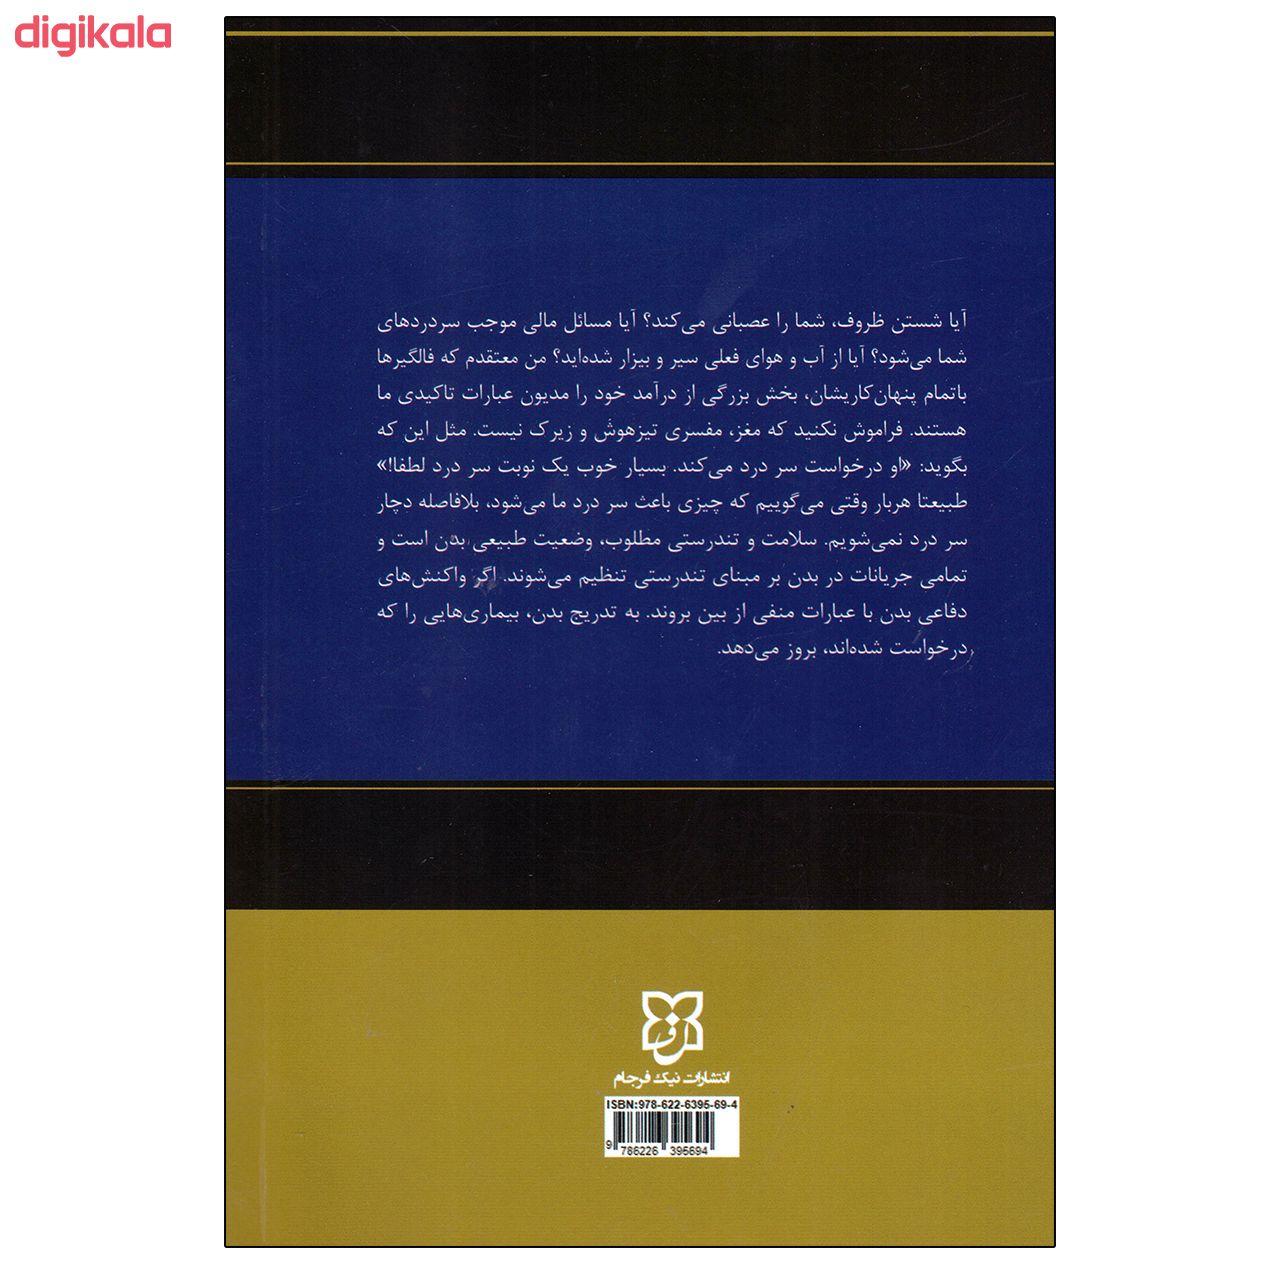 کتاب بعد دیگر وجود اثر خوزه سیلوا نشر نیک فرجام main 1 1